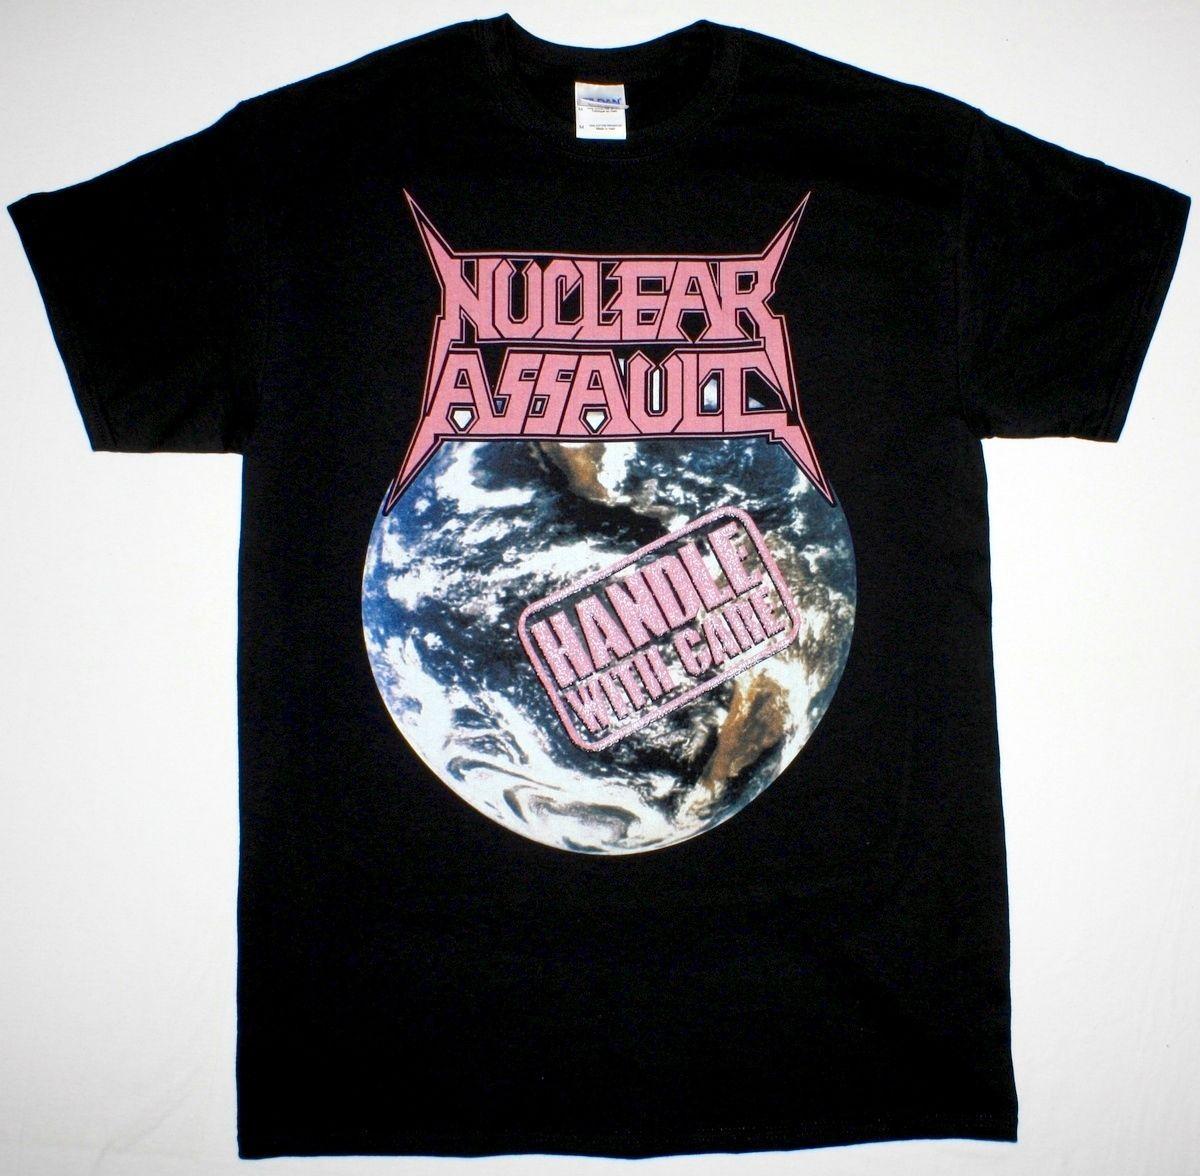 Handle Nuclear Assault com cuidado S.o.d. Anthrax Trash metal preto novo T-shirt dos homens partes superiores legal O Neck T Shirt Top Tee